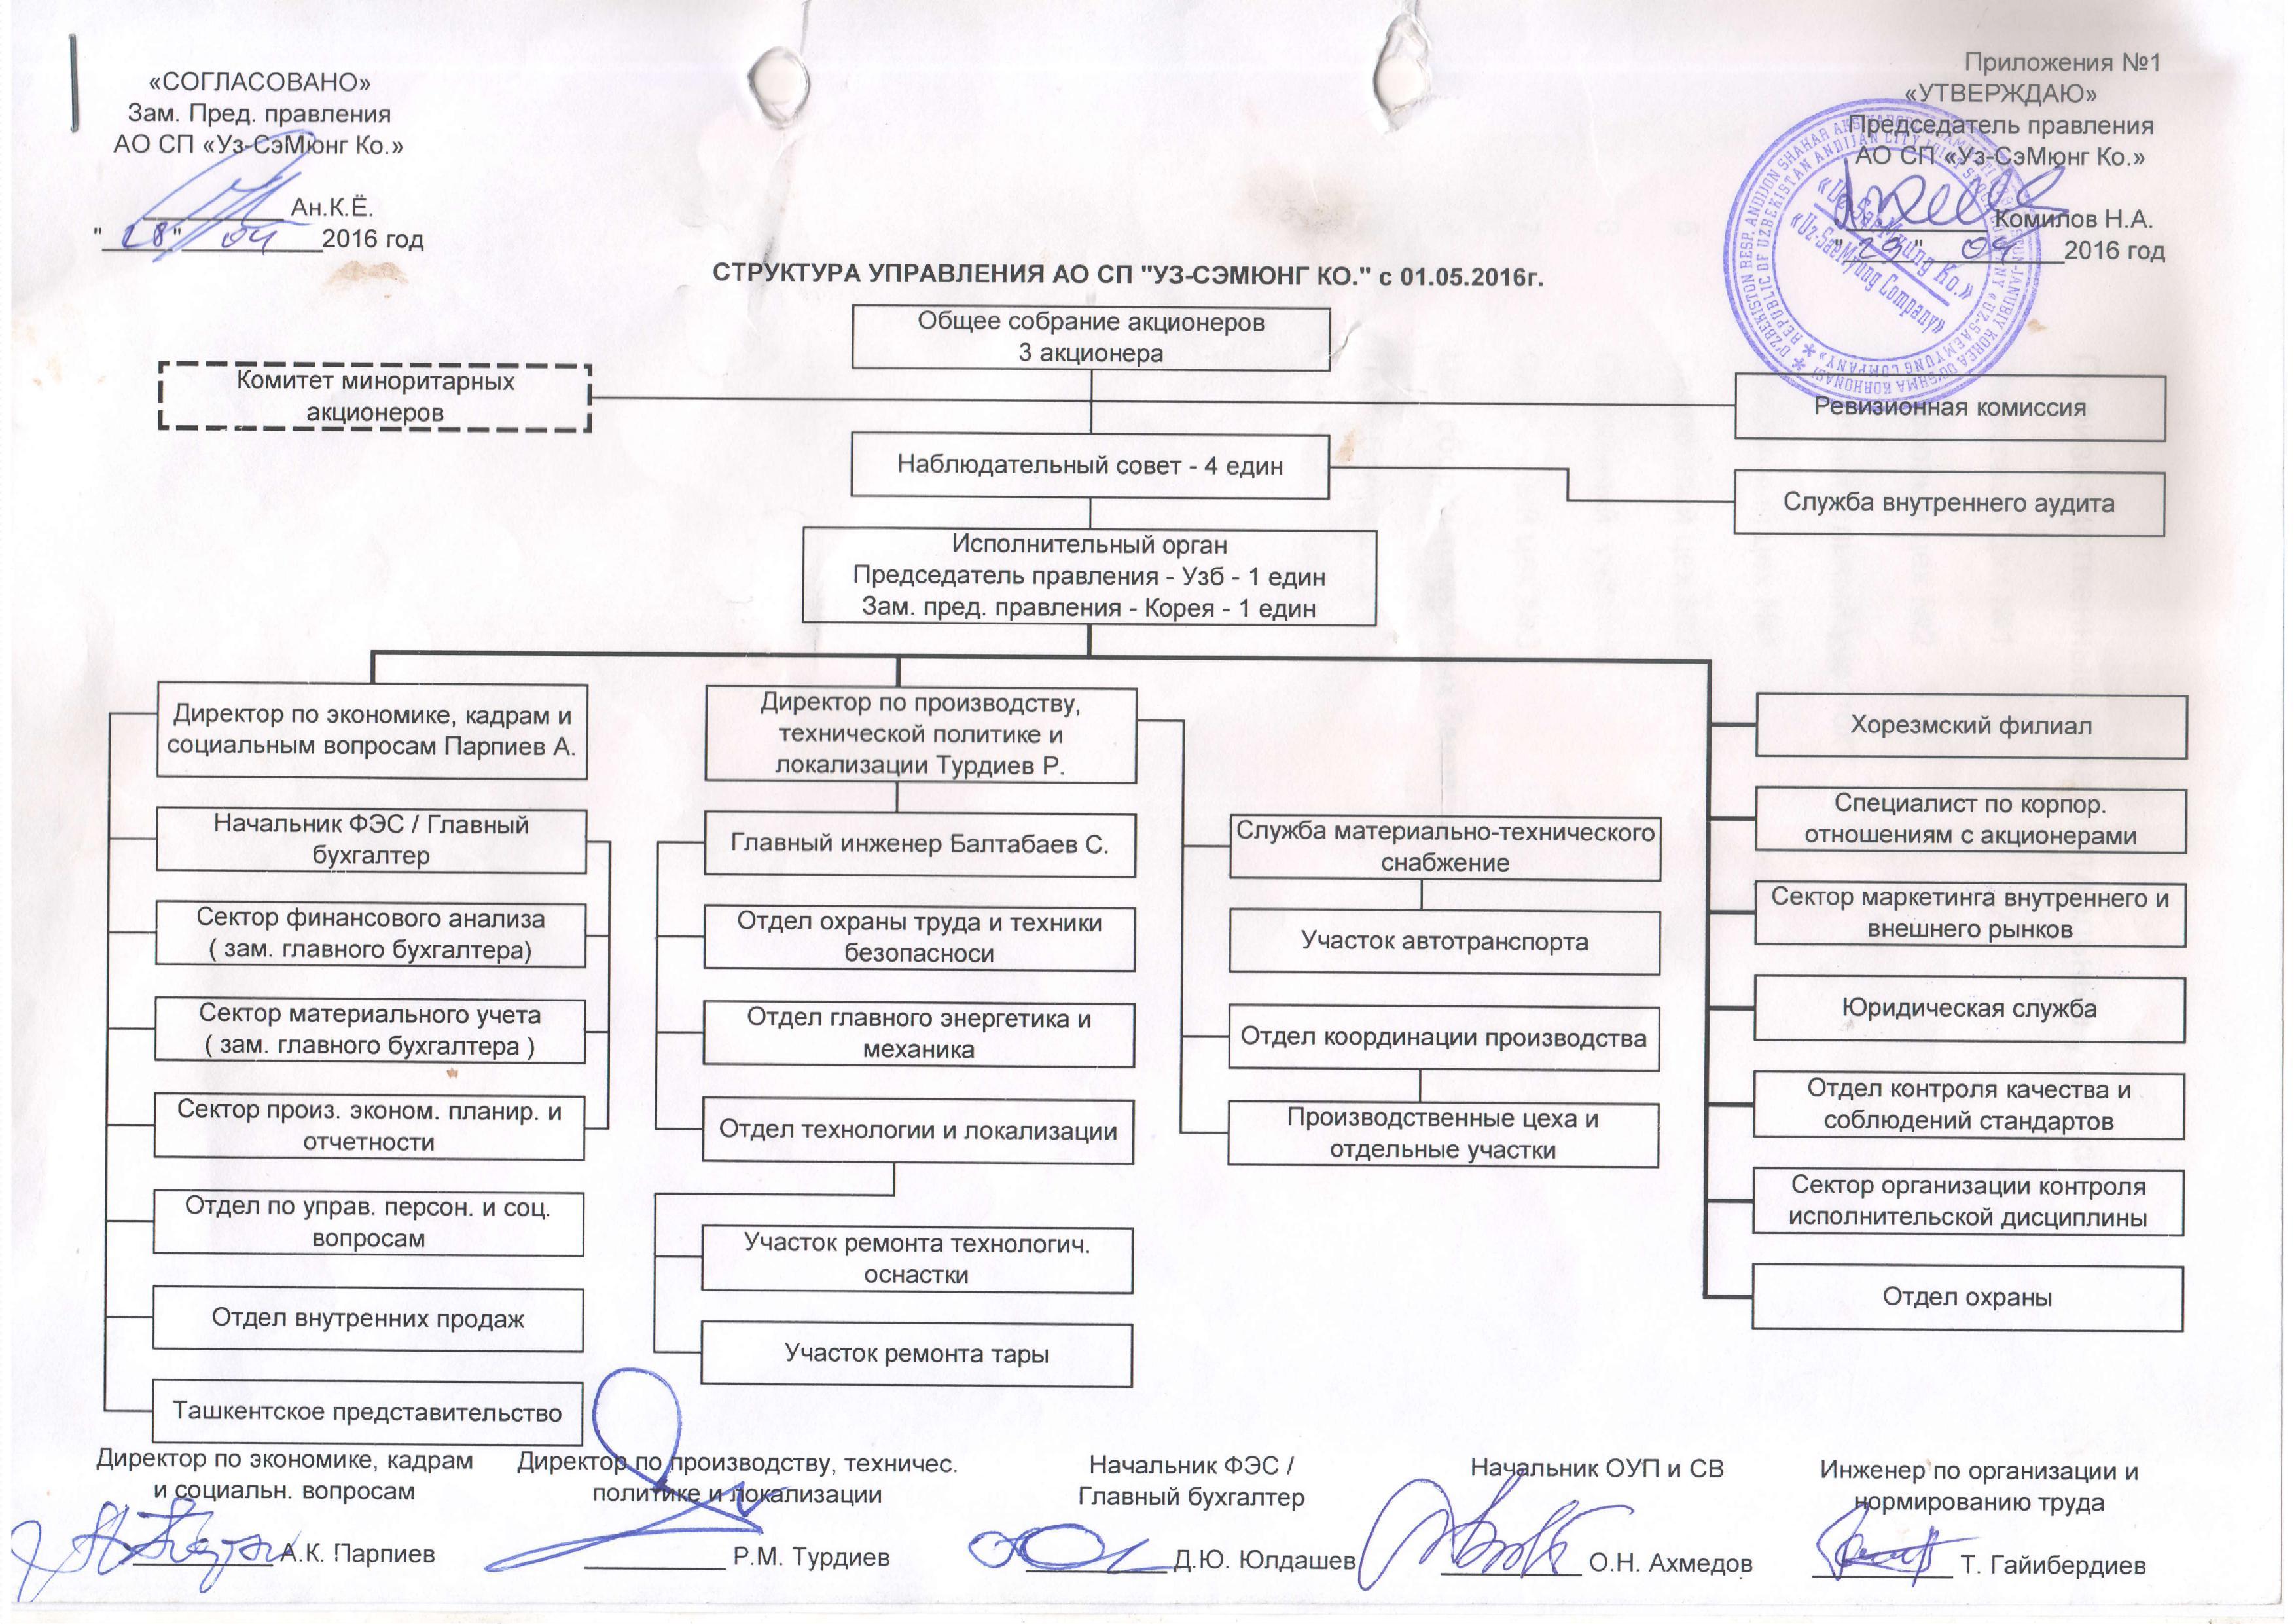 Должностная инструкция начальника отдела экономики и бюджетирования